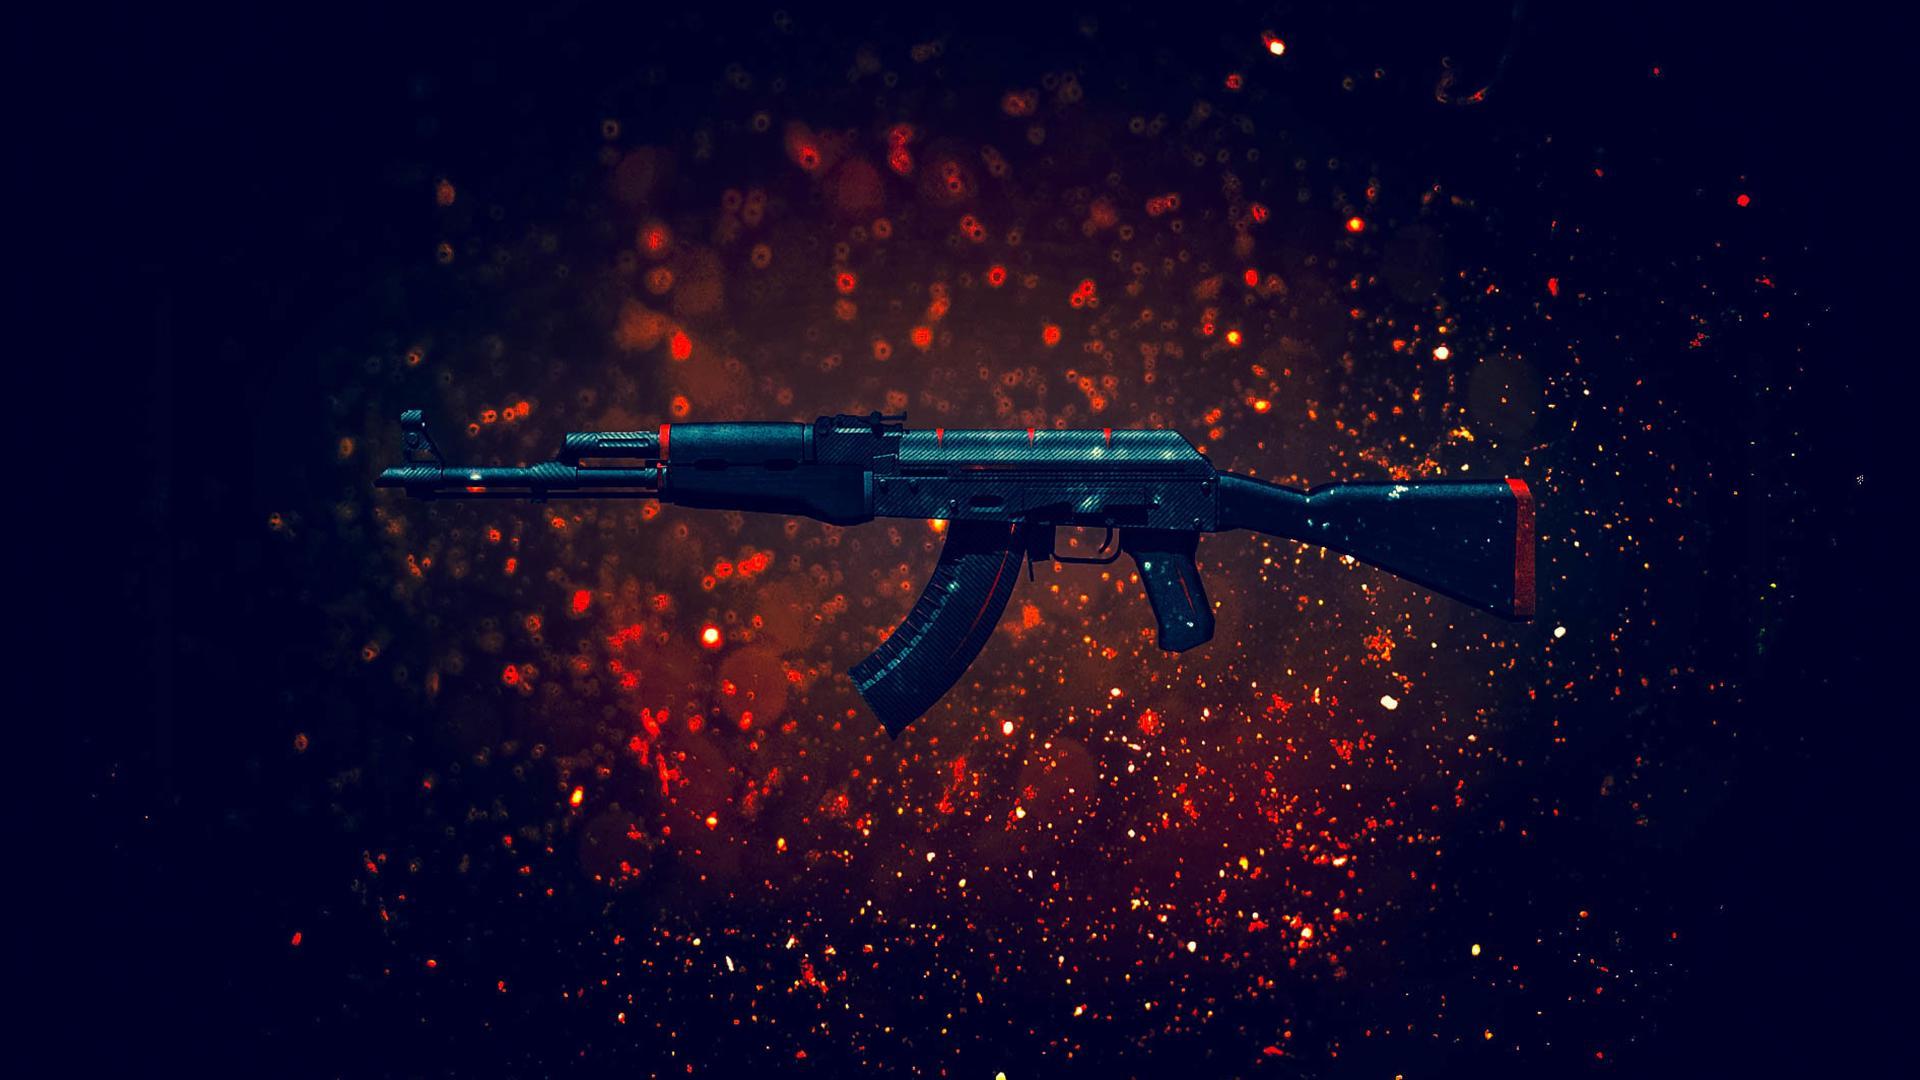 Counter Strike Rifle HD wallpaper 1920x1080